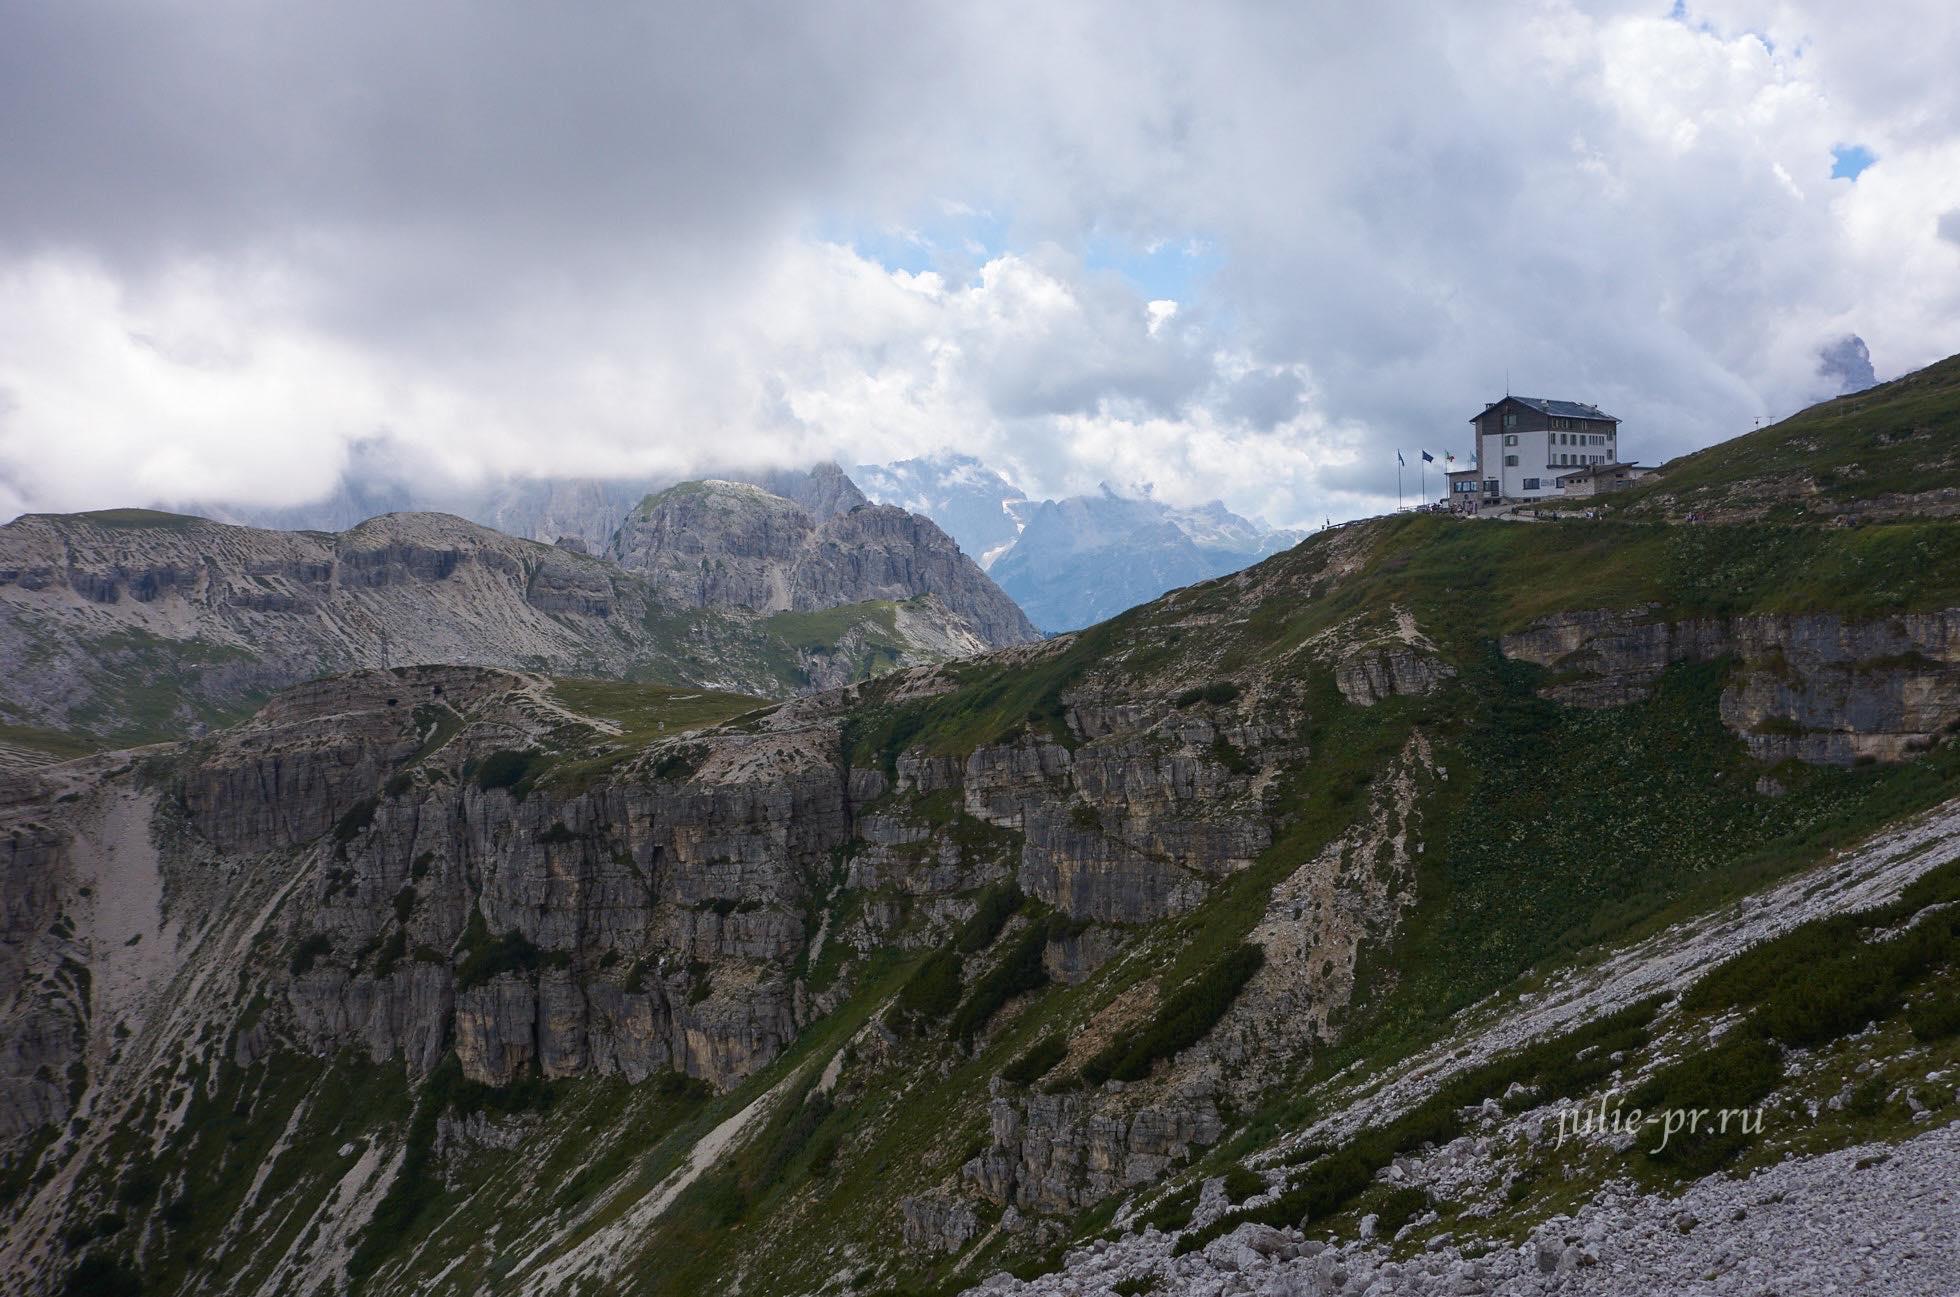 Италия, Альпы, Доломиты, Rifugio Auronzo